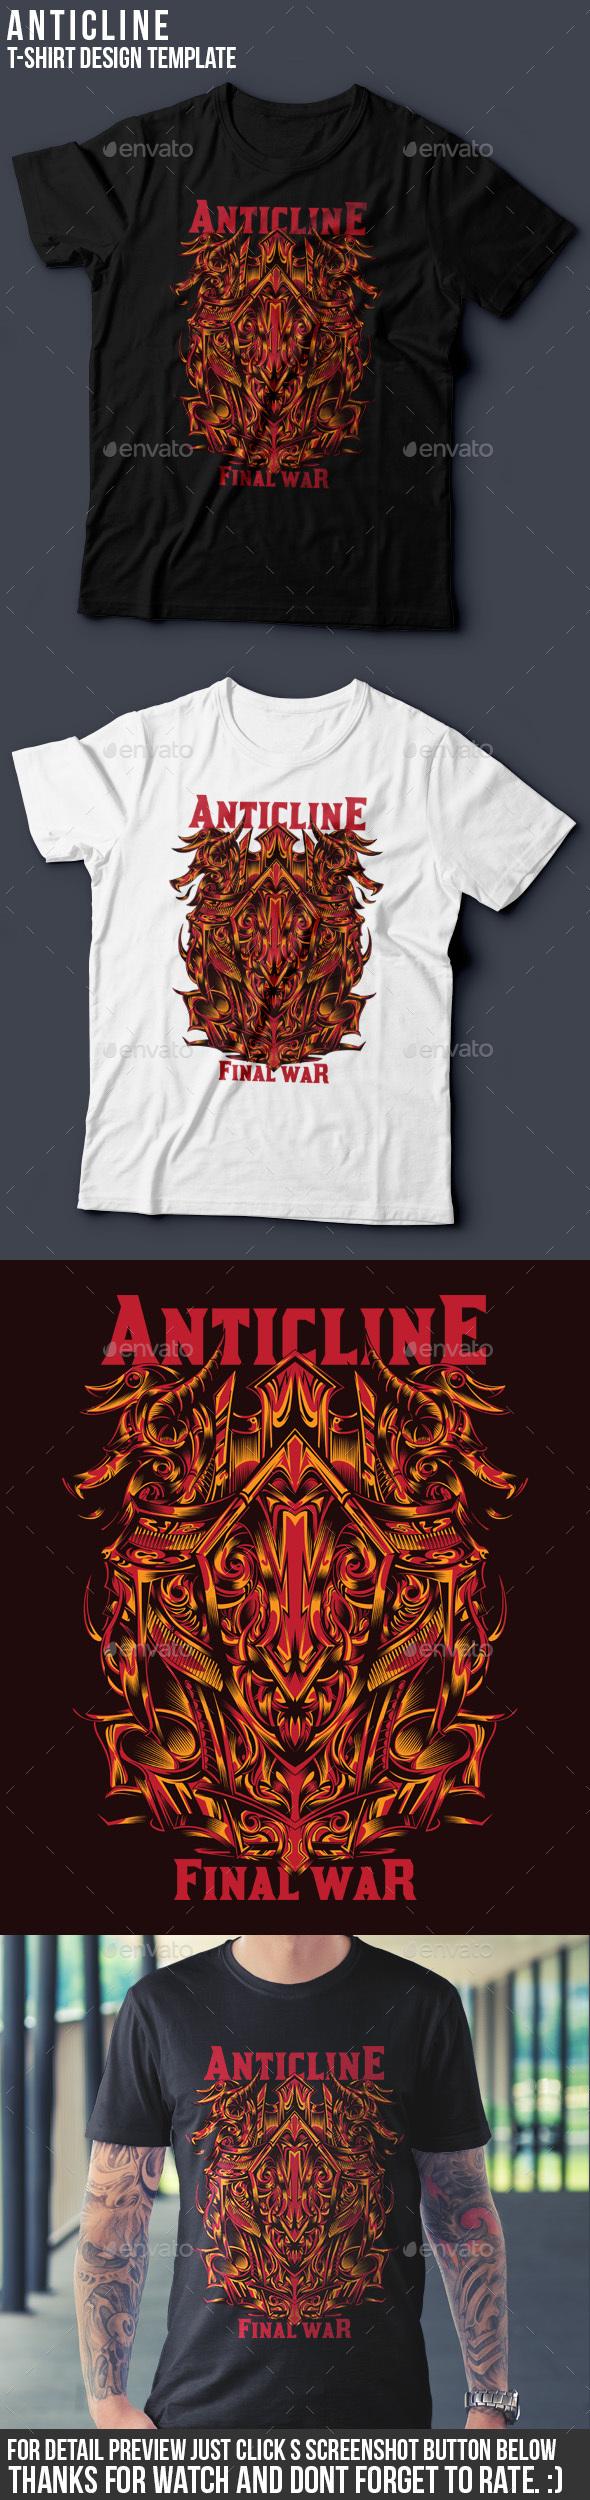 Anticline T-Shirt Design Template